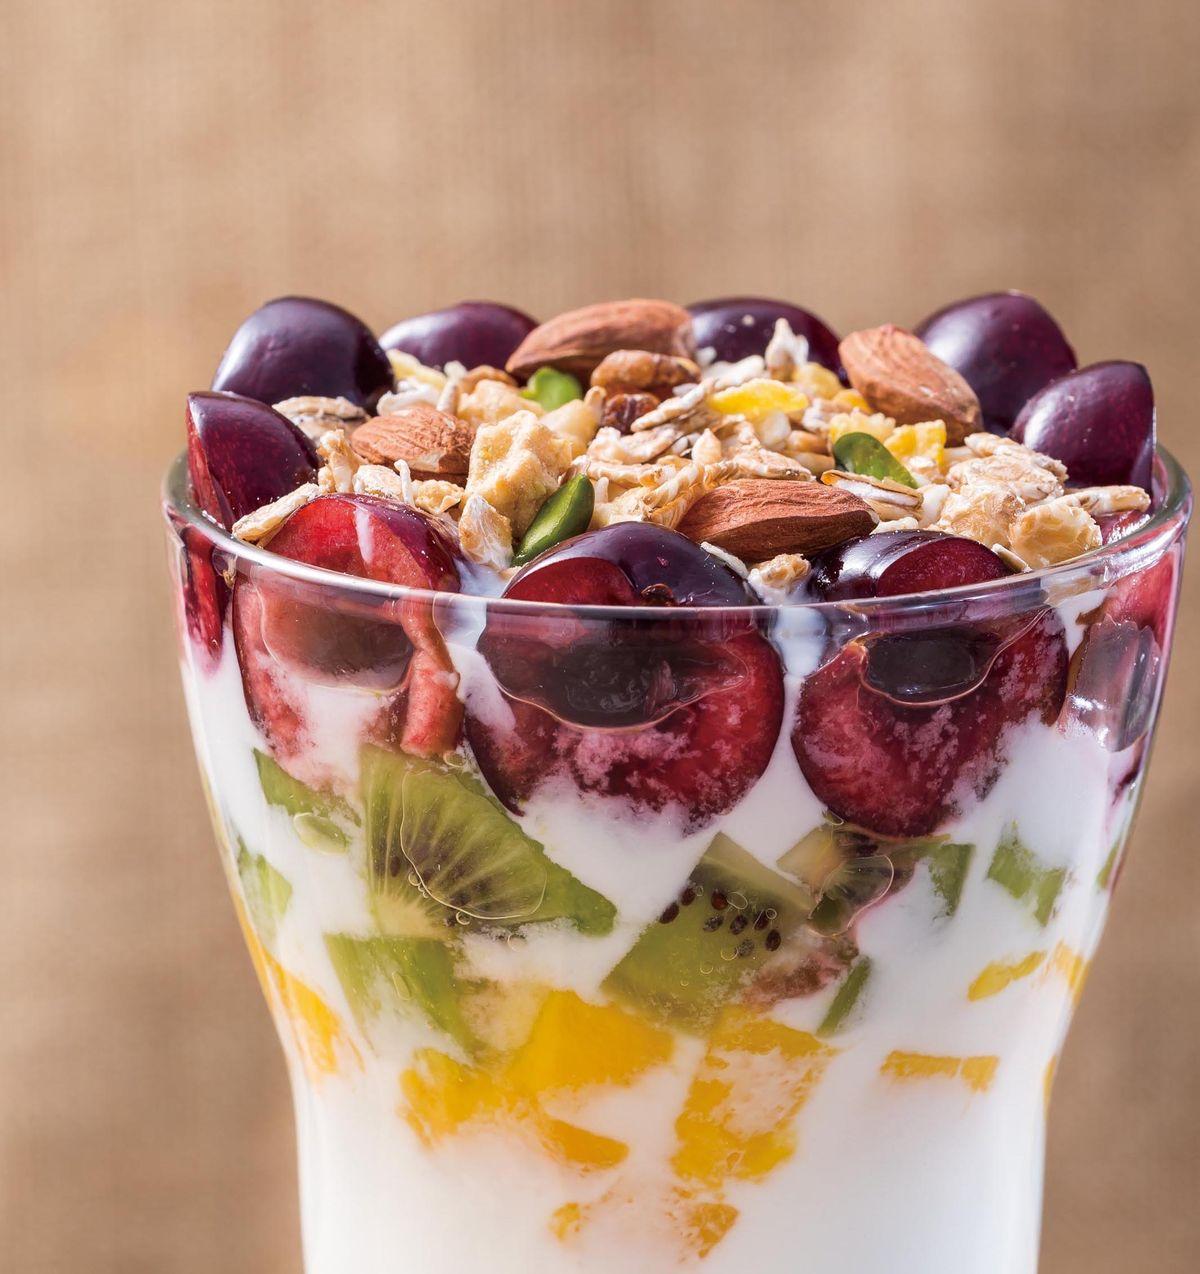 食譜:熟燕麥綜合水果原味優格